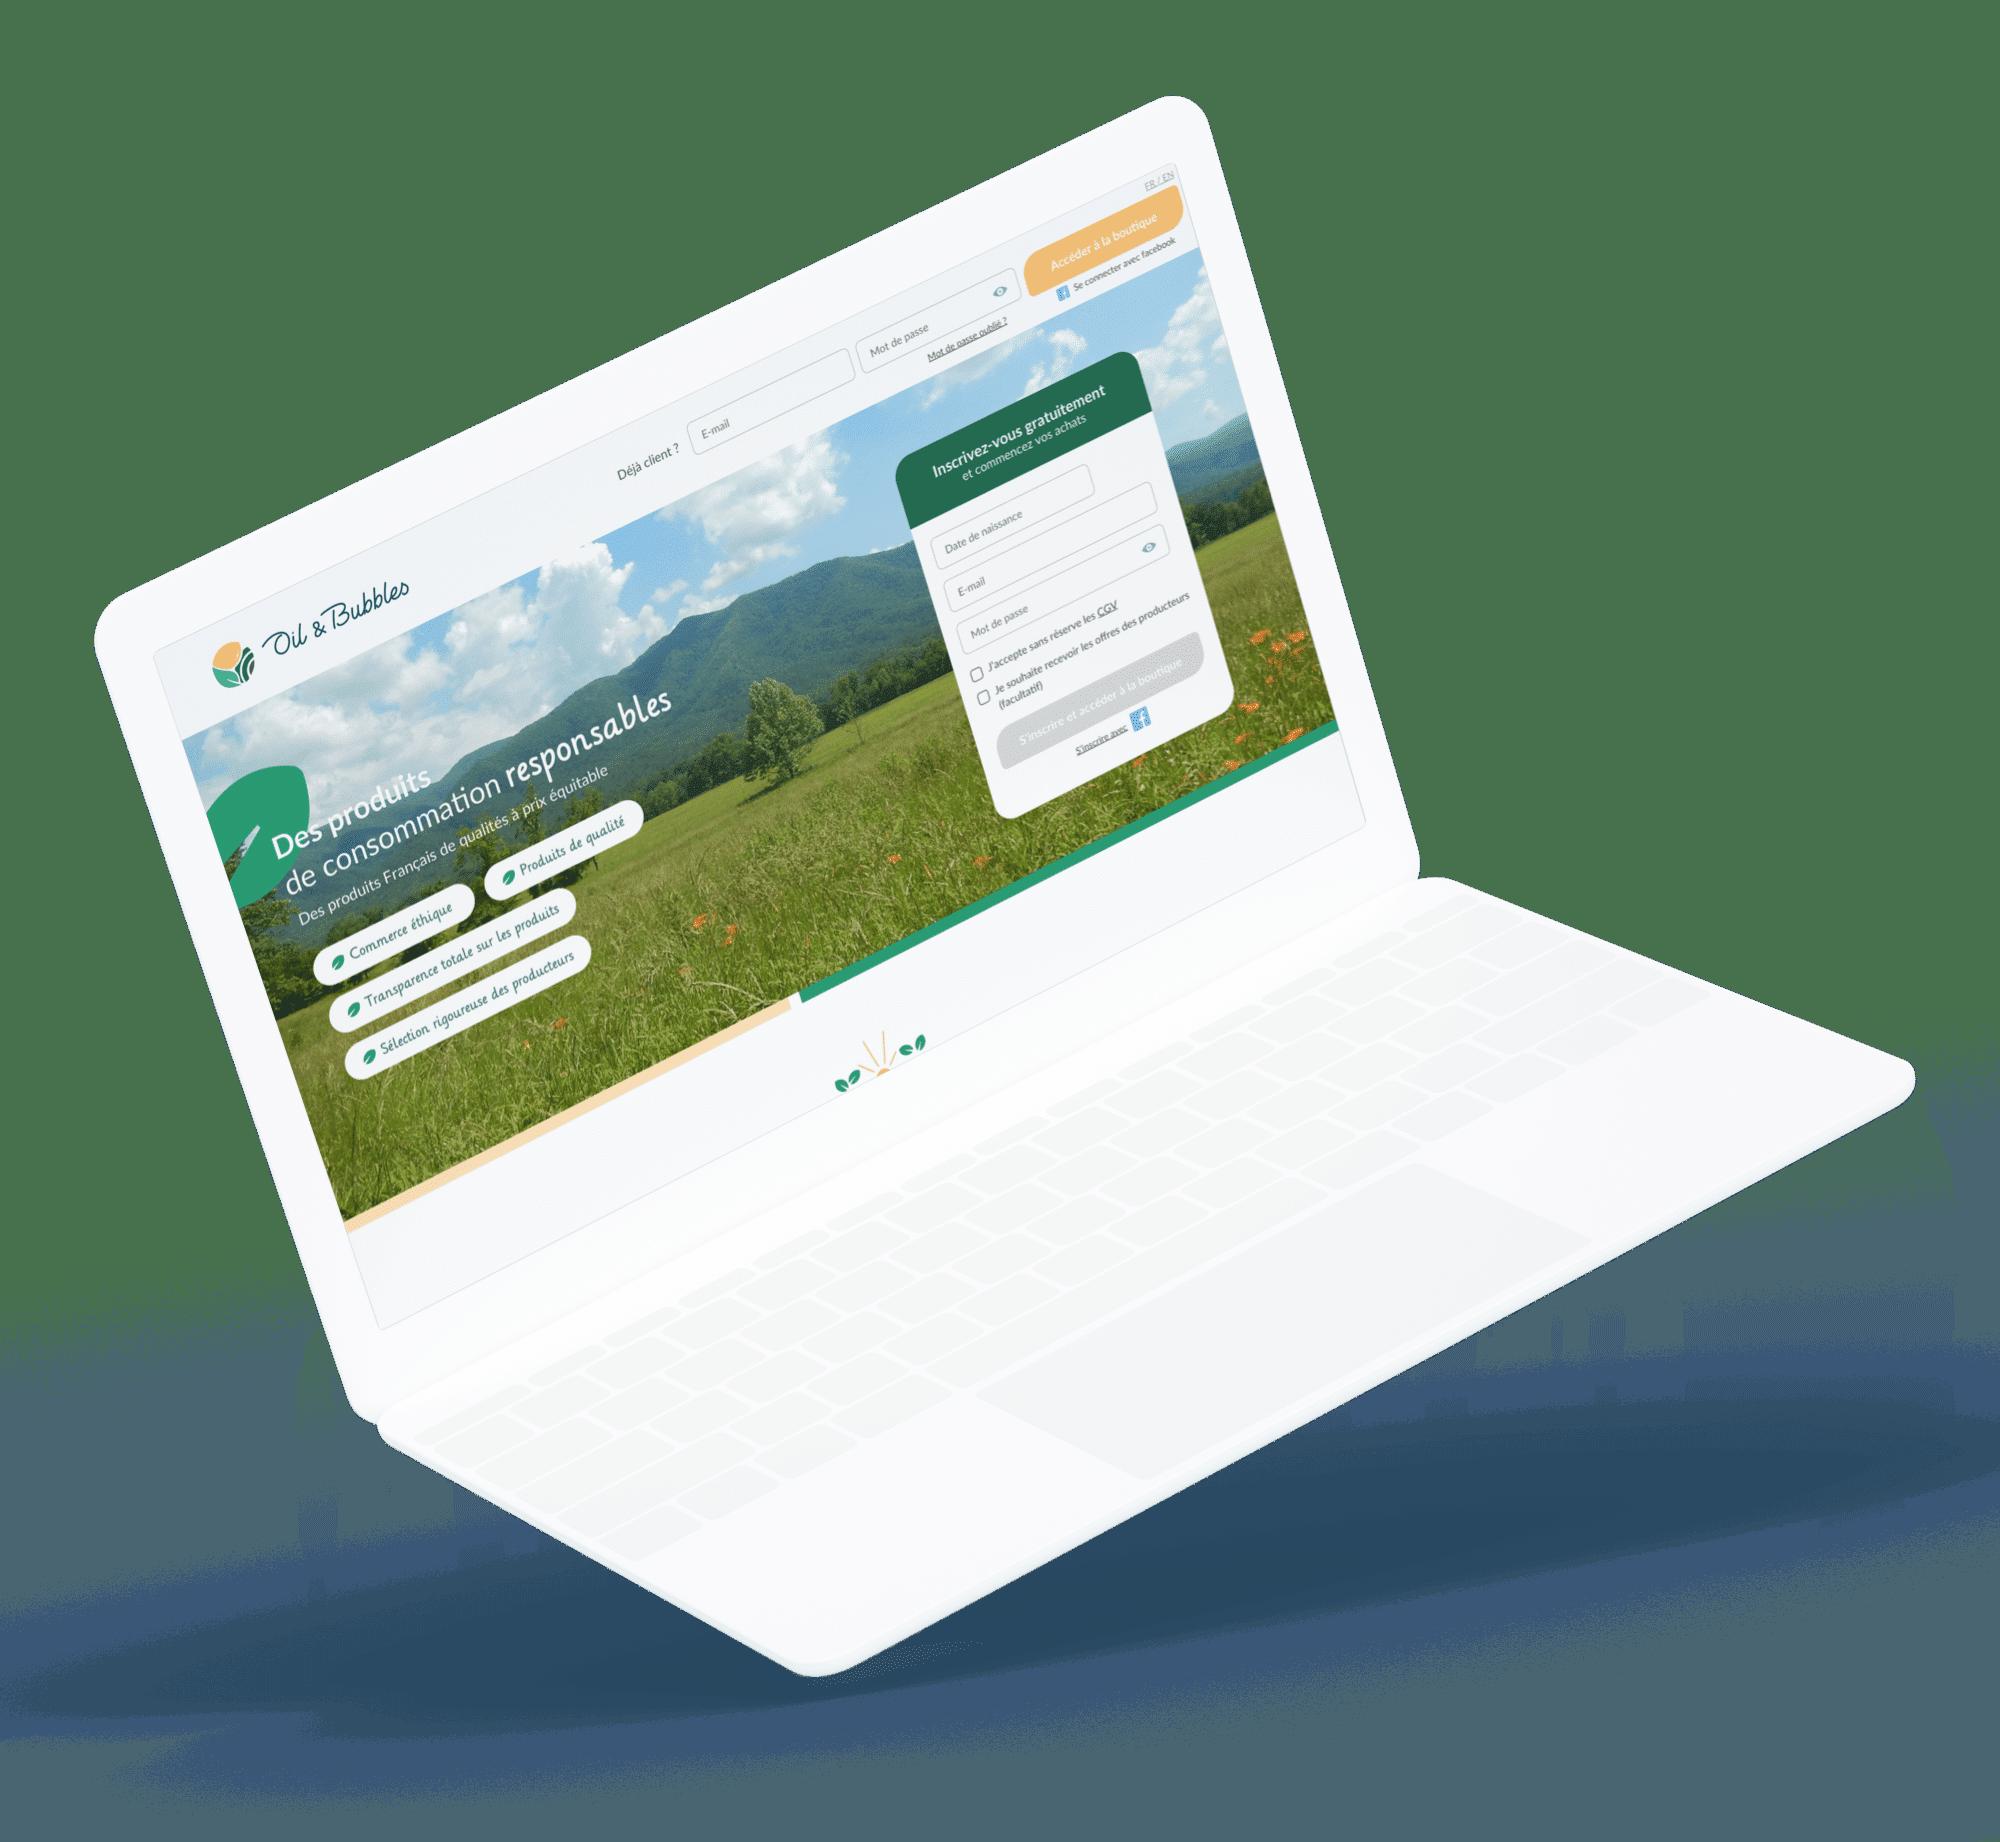 Oil & Bubbles (Site e-commerce) - Site desktop